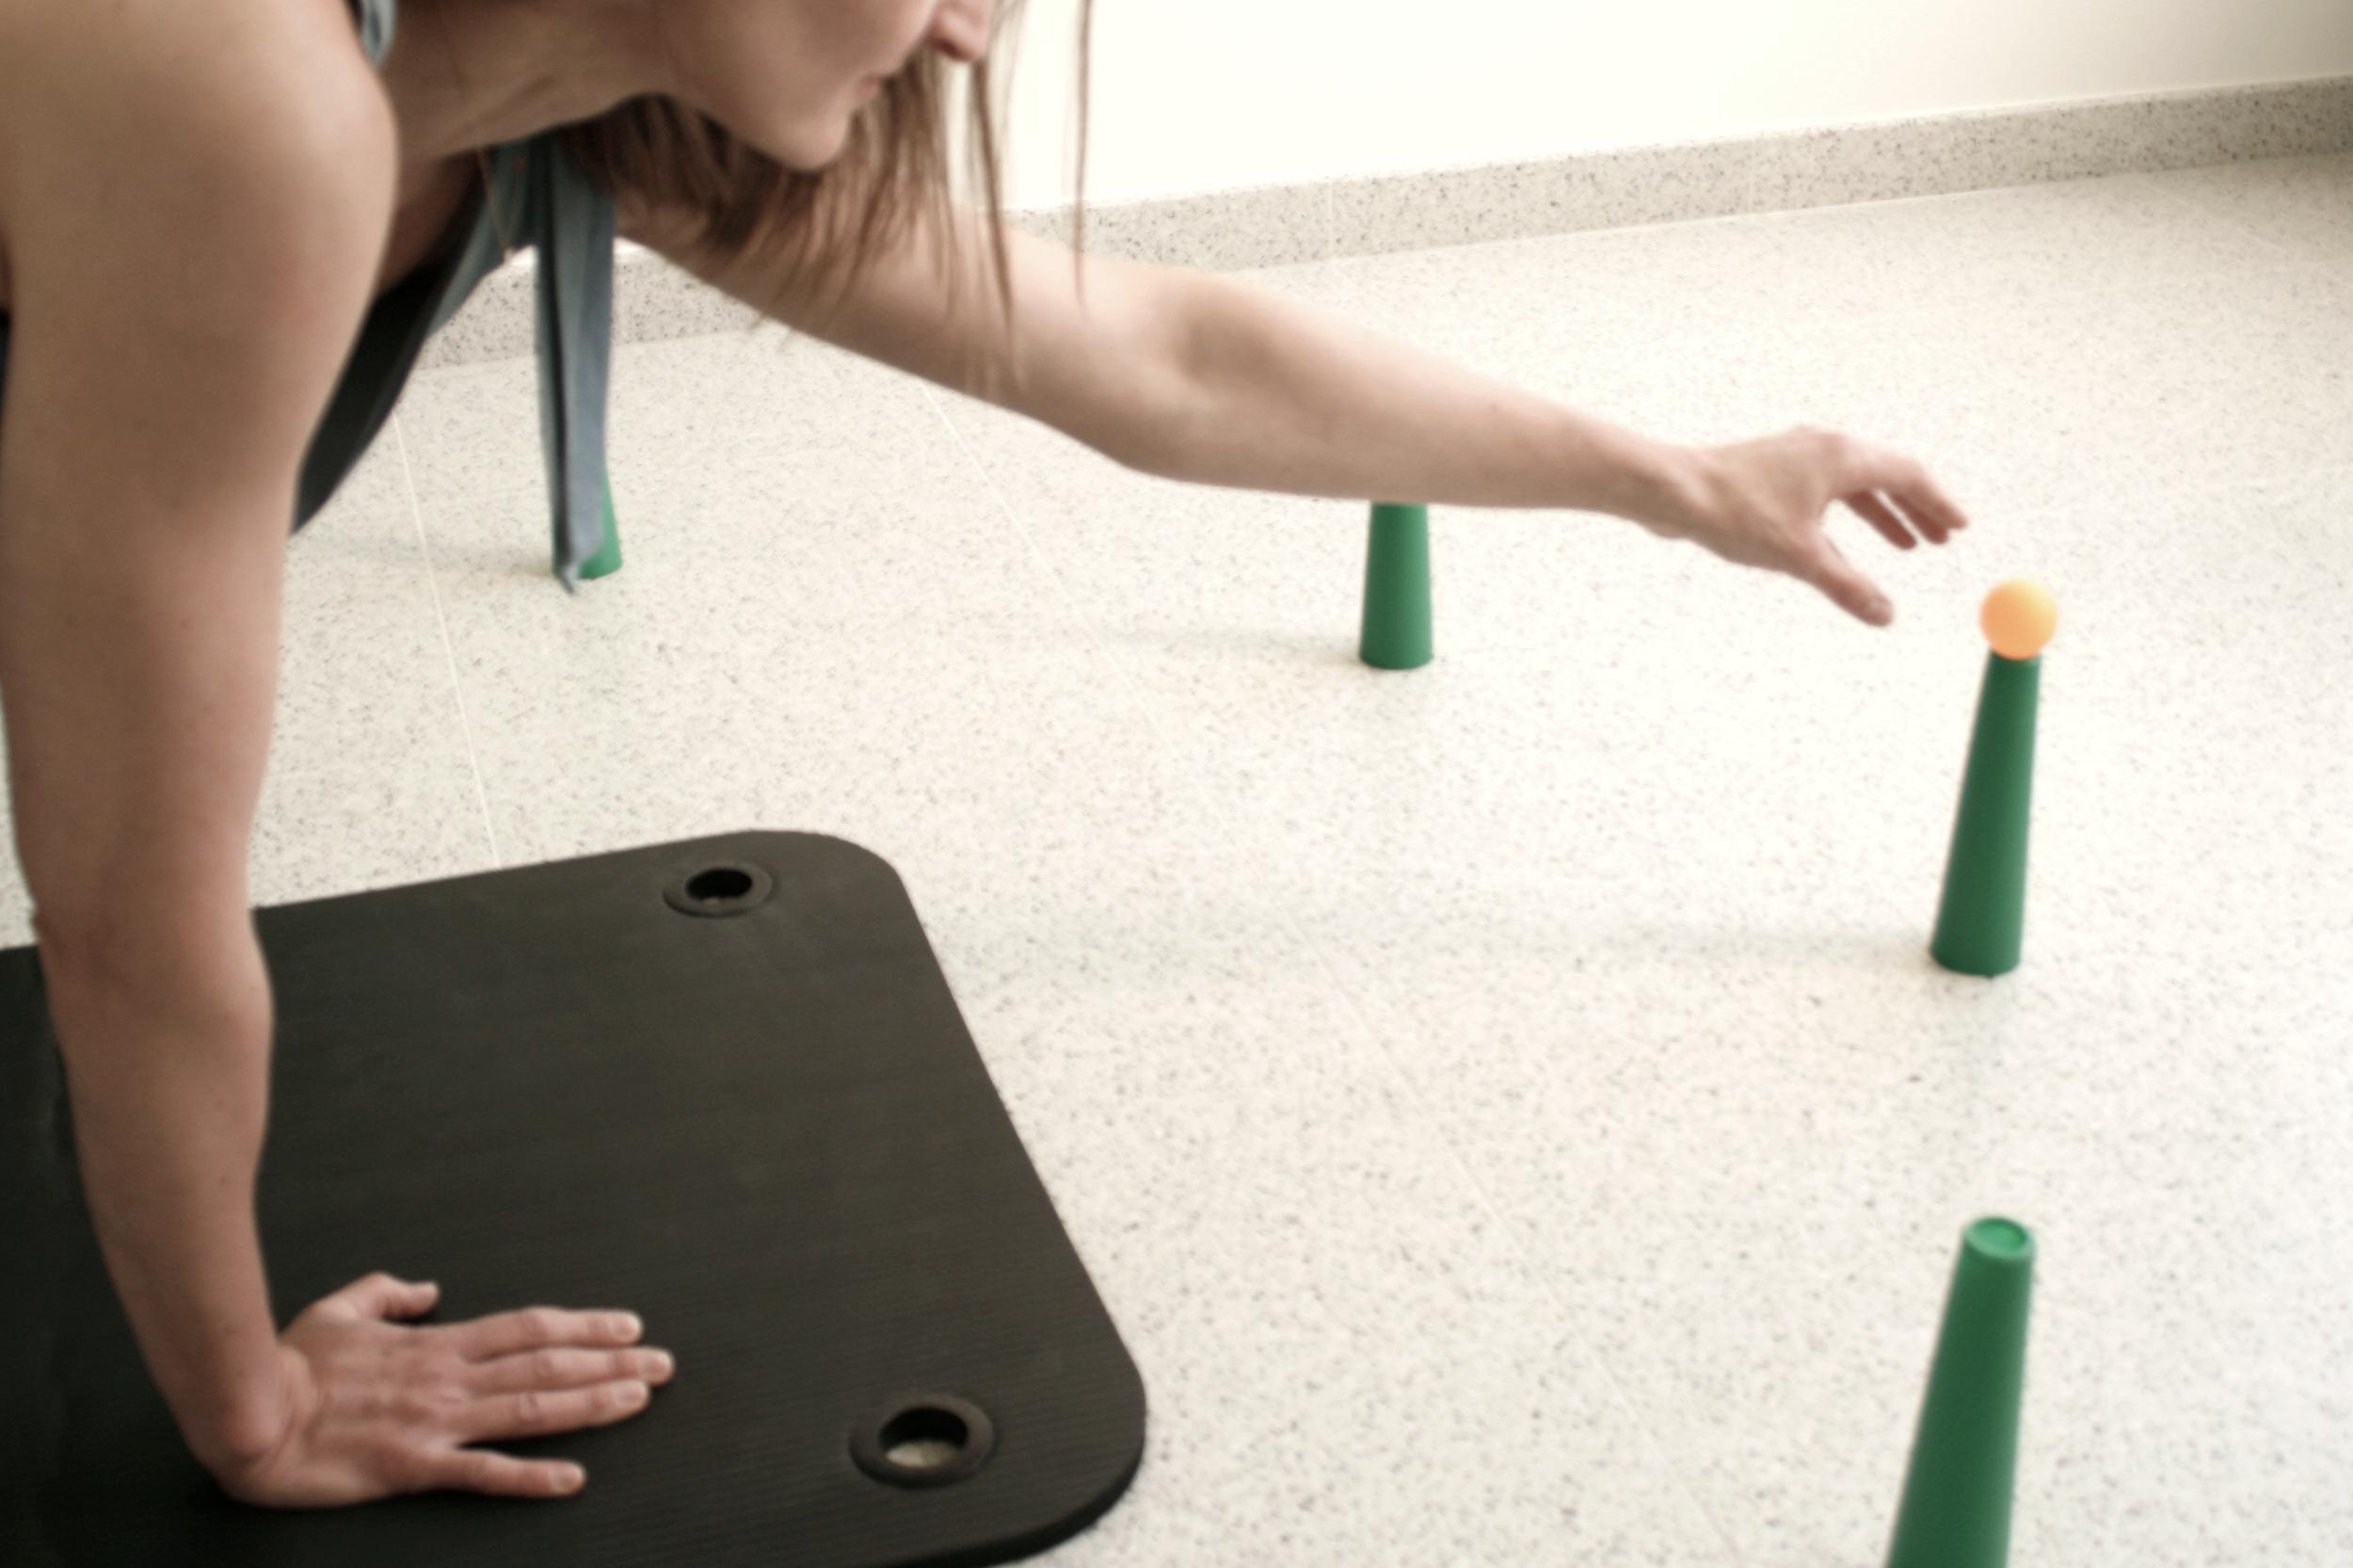 Handtherapie Handrevalidatie grond Oefeningen